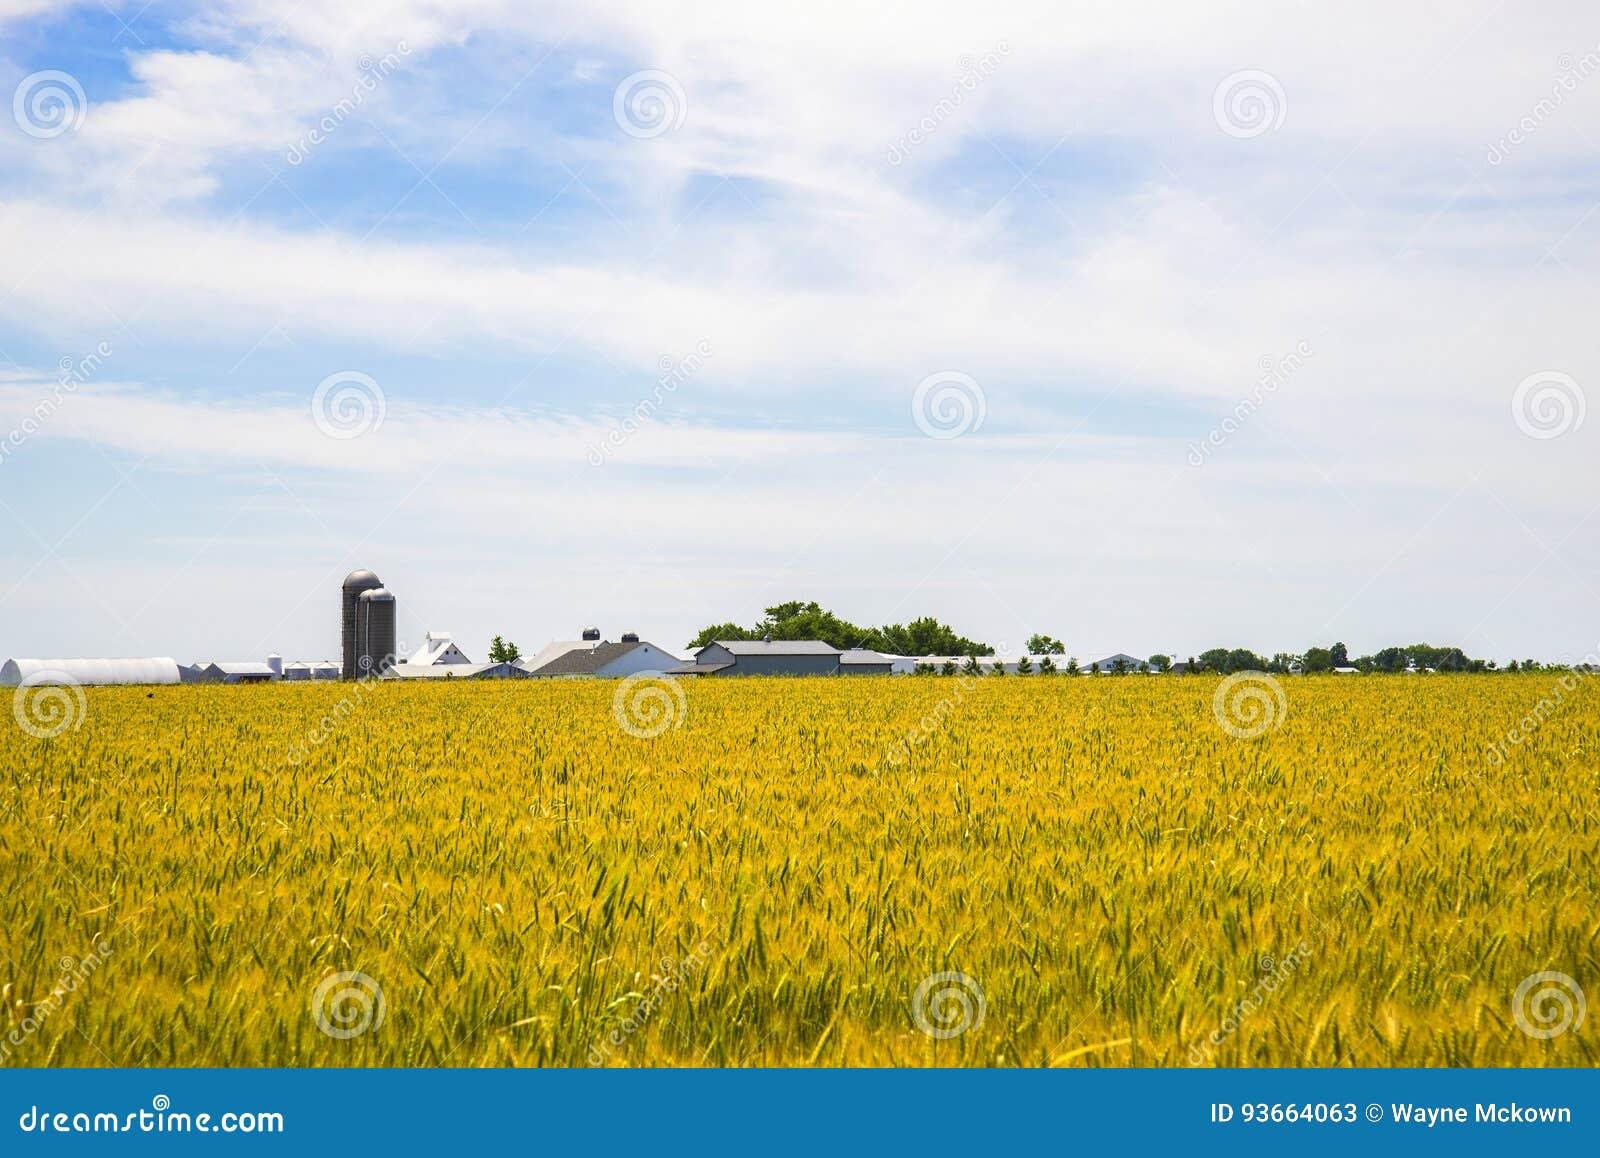 Amishlandbouwbedrijf en tarwegebied